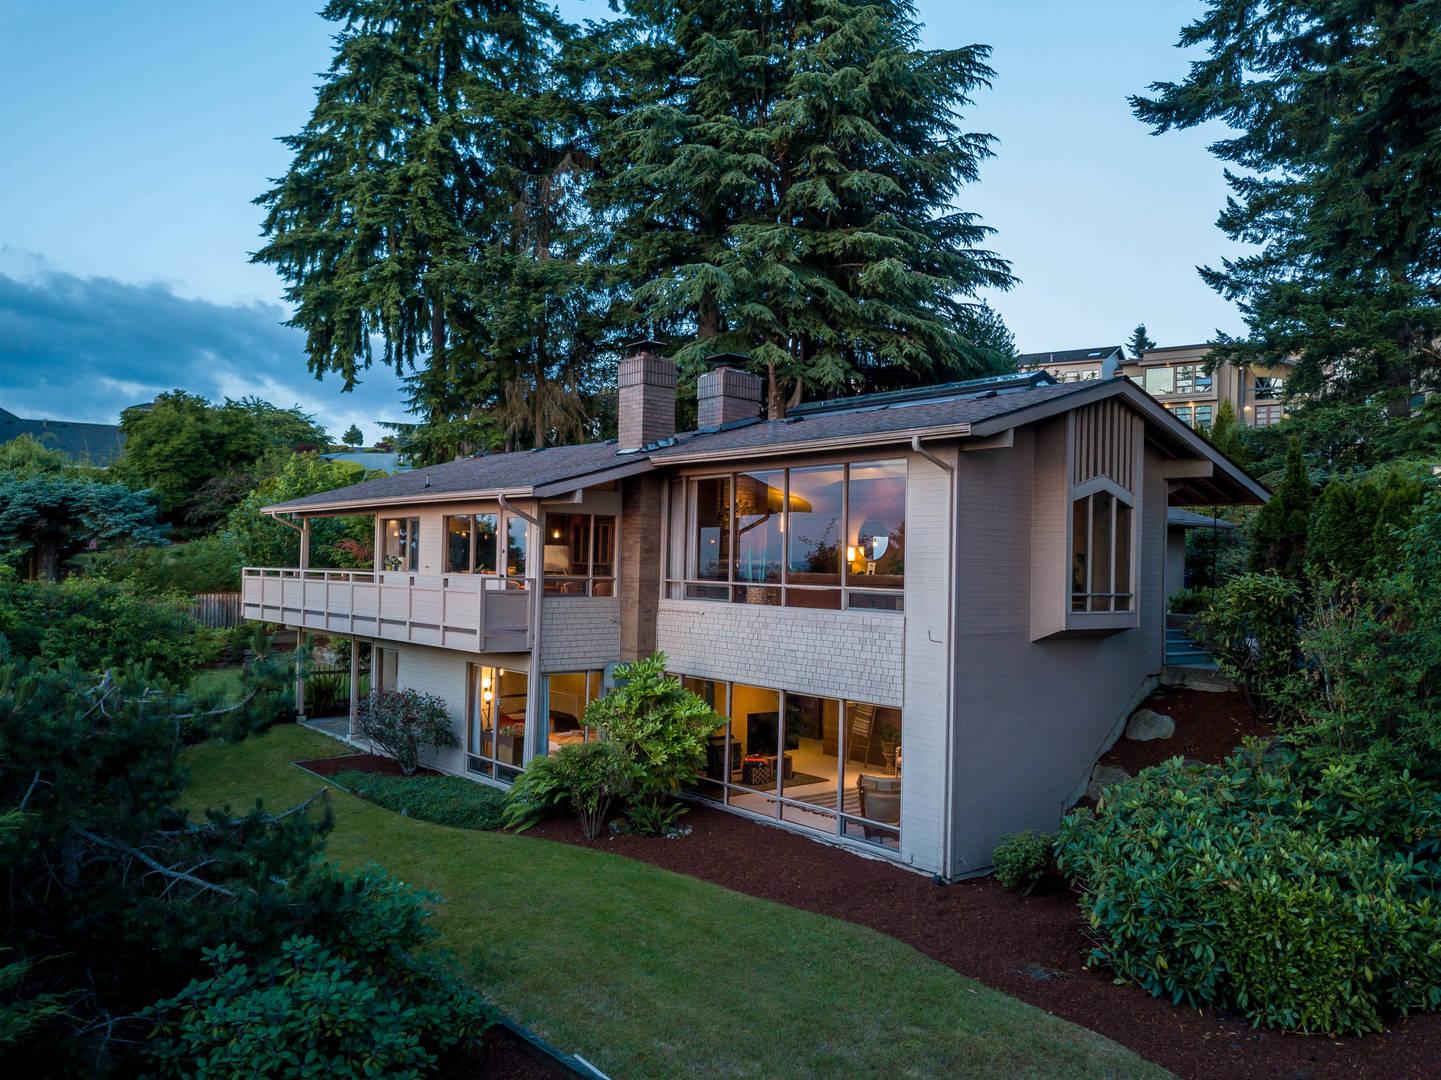 5356 153rd Ave. SE, Bellevue Bellevue, WA 98006